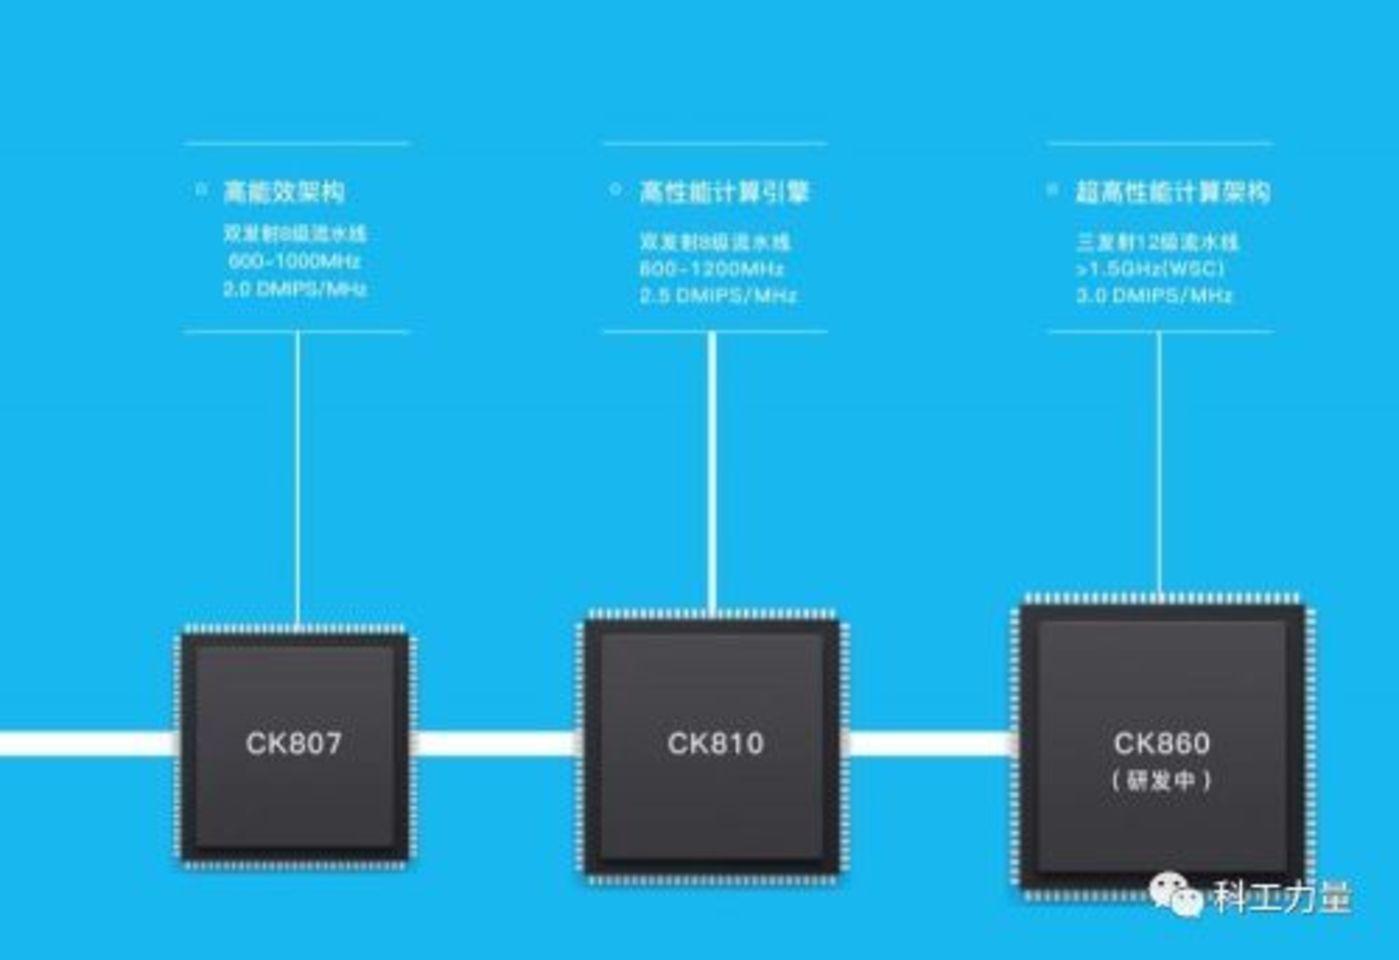 CK860在PPT中被形容为超高性能计算架构,恐怕Zen,Skylake有话要说